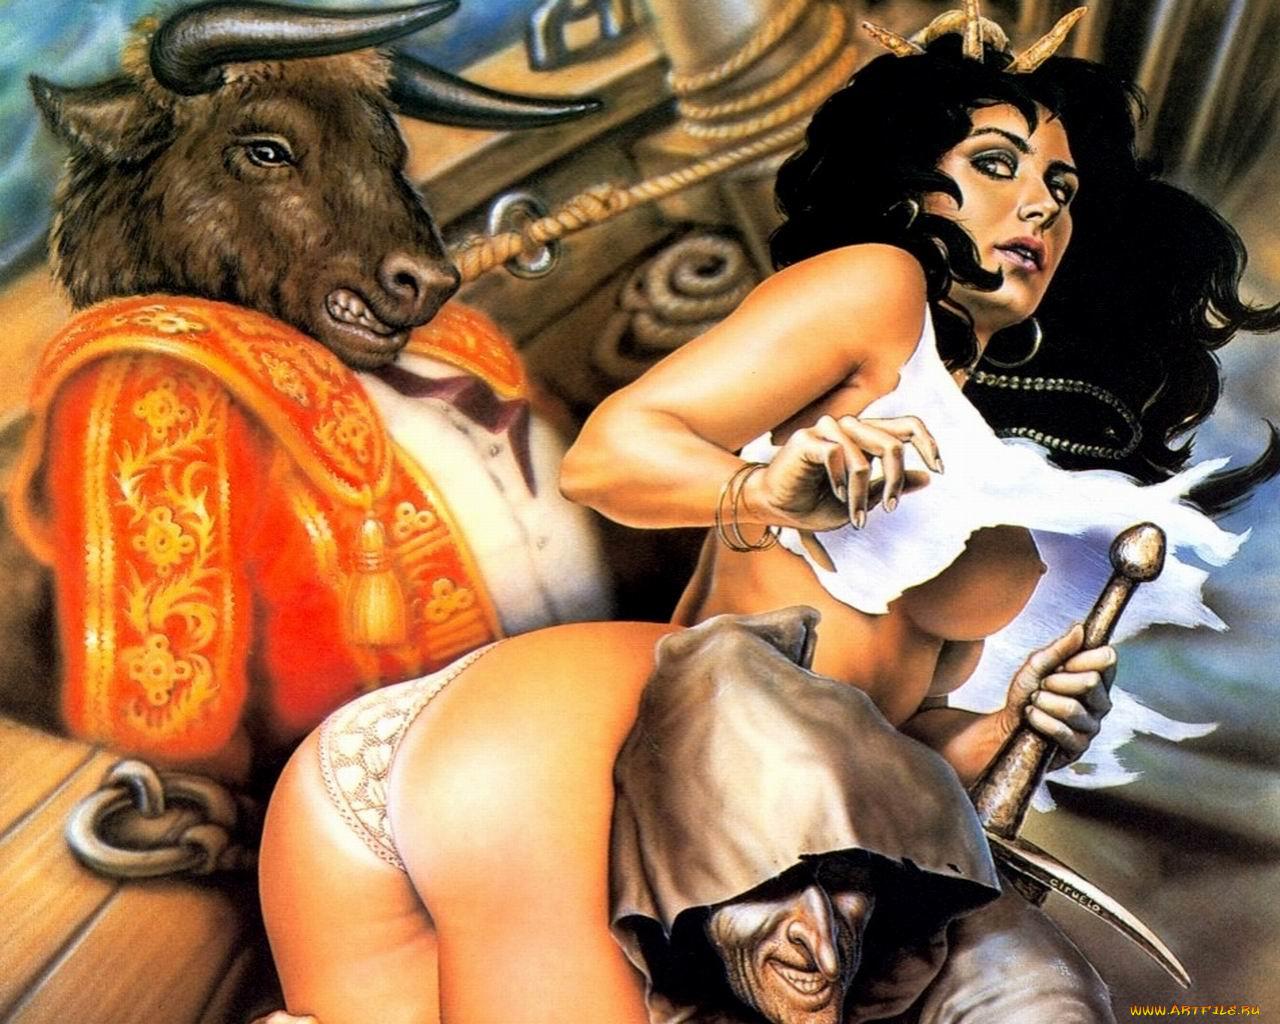 Чудовище и красавица порно фото, Порно дисней Красавица и Чудовище » Голые мульты 25 фотография